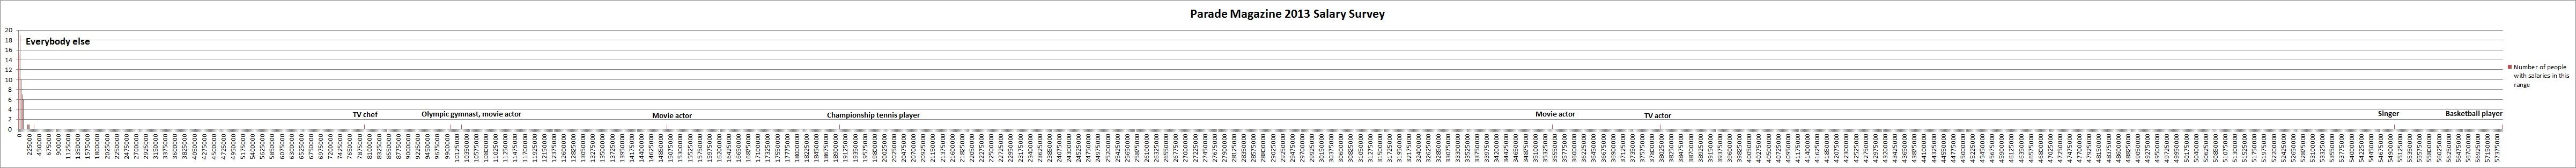 Parade 2013 salary survey